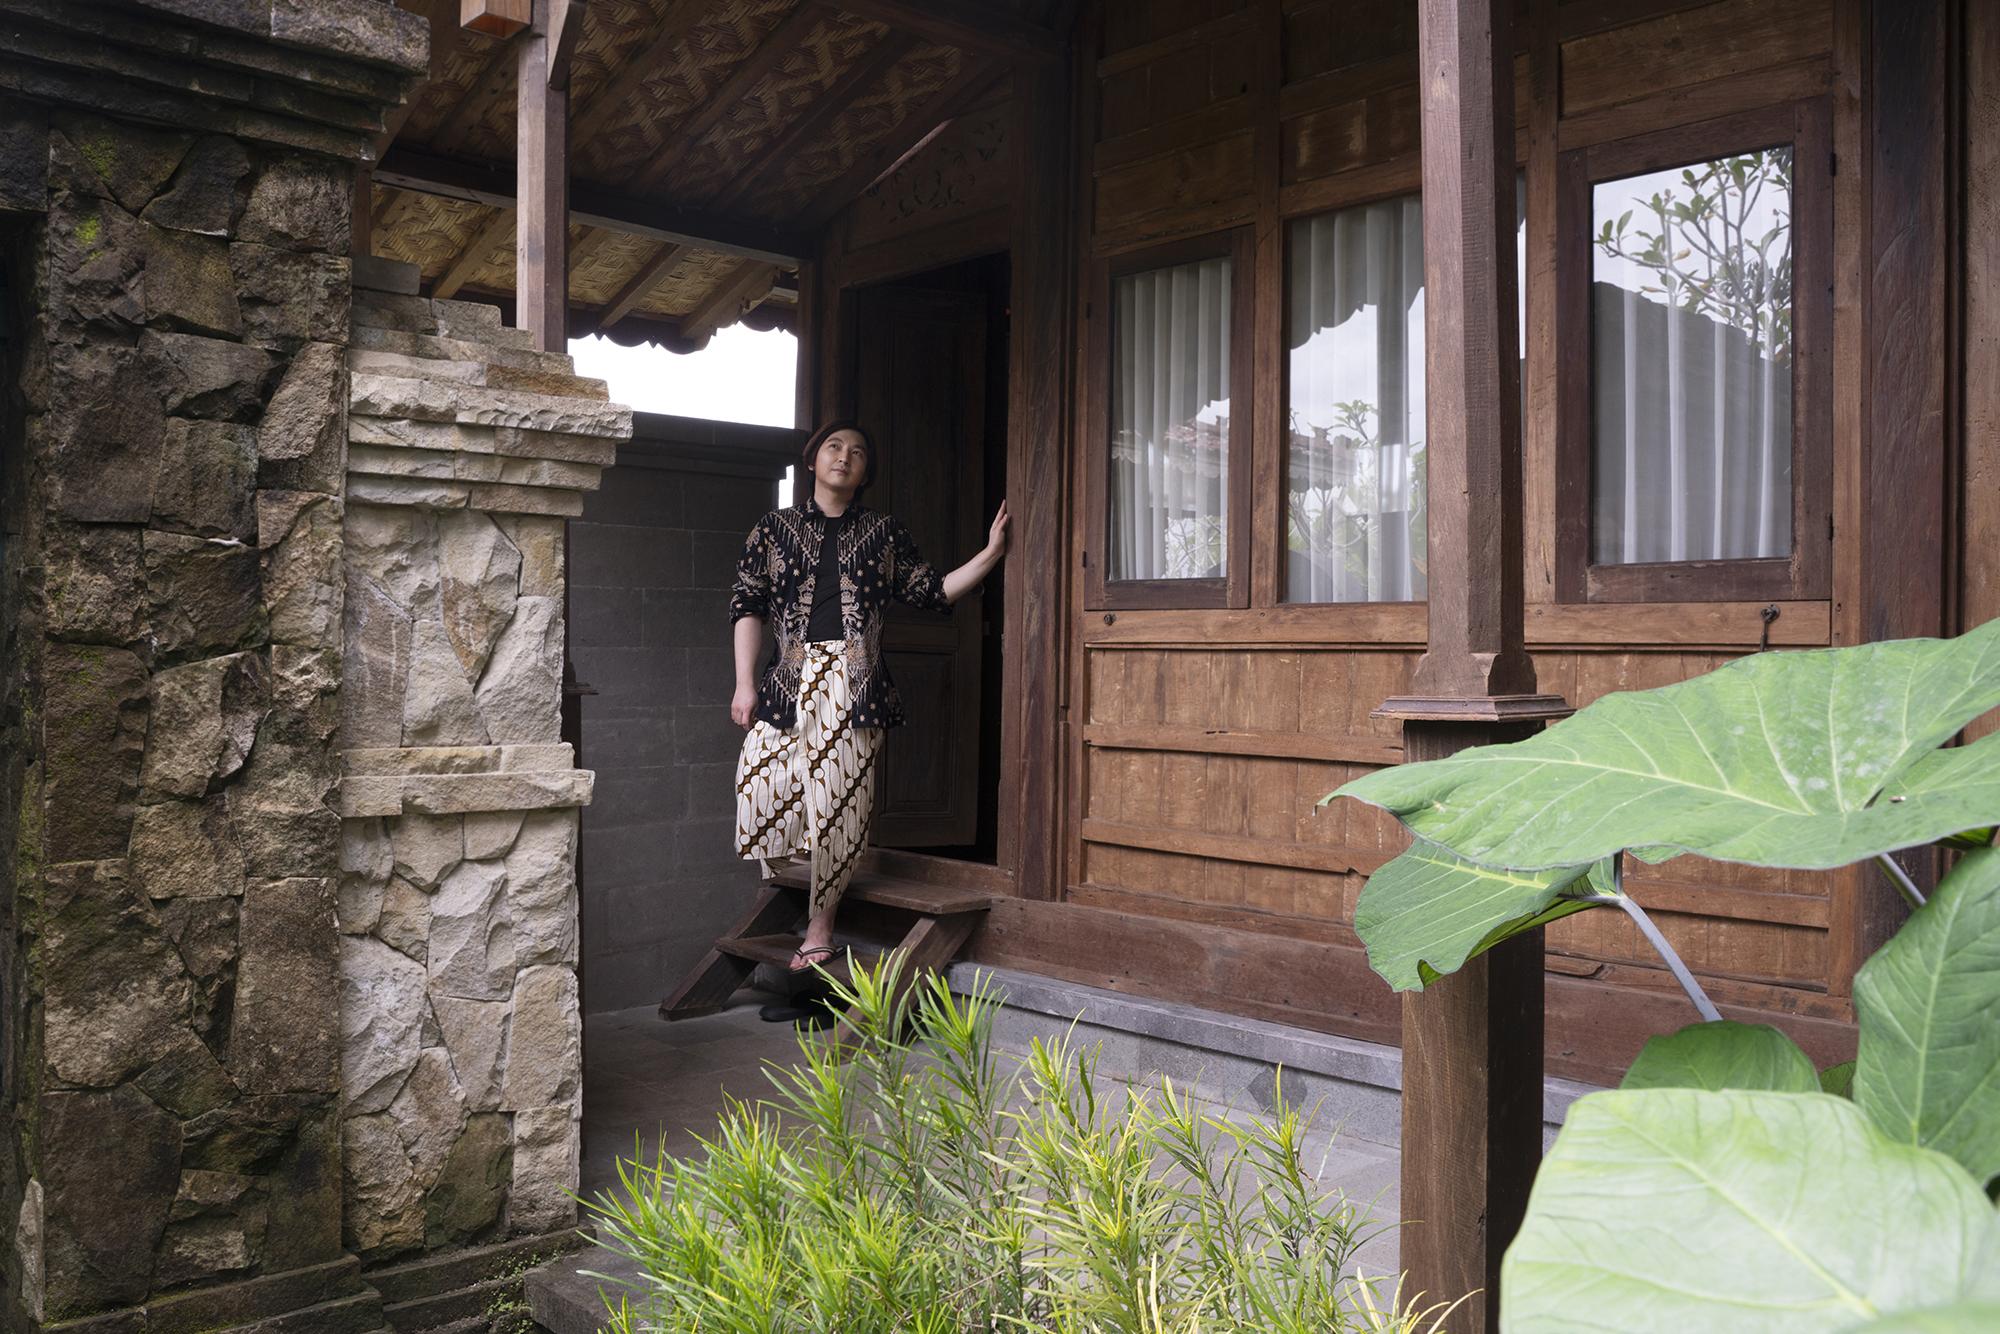 Enriching Village Experience at Pramana Watu Kurung